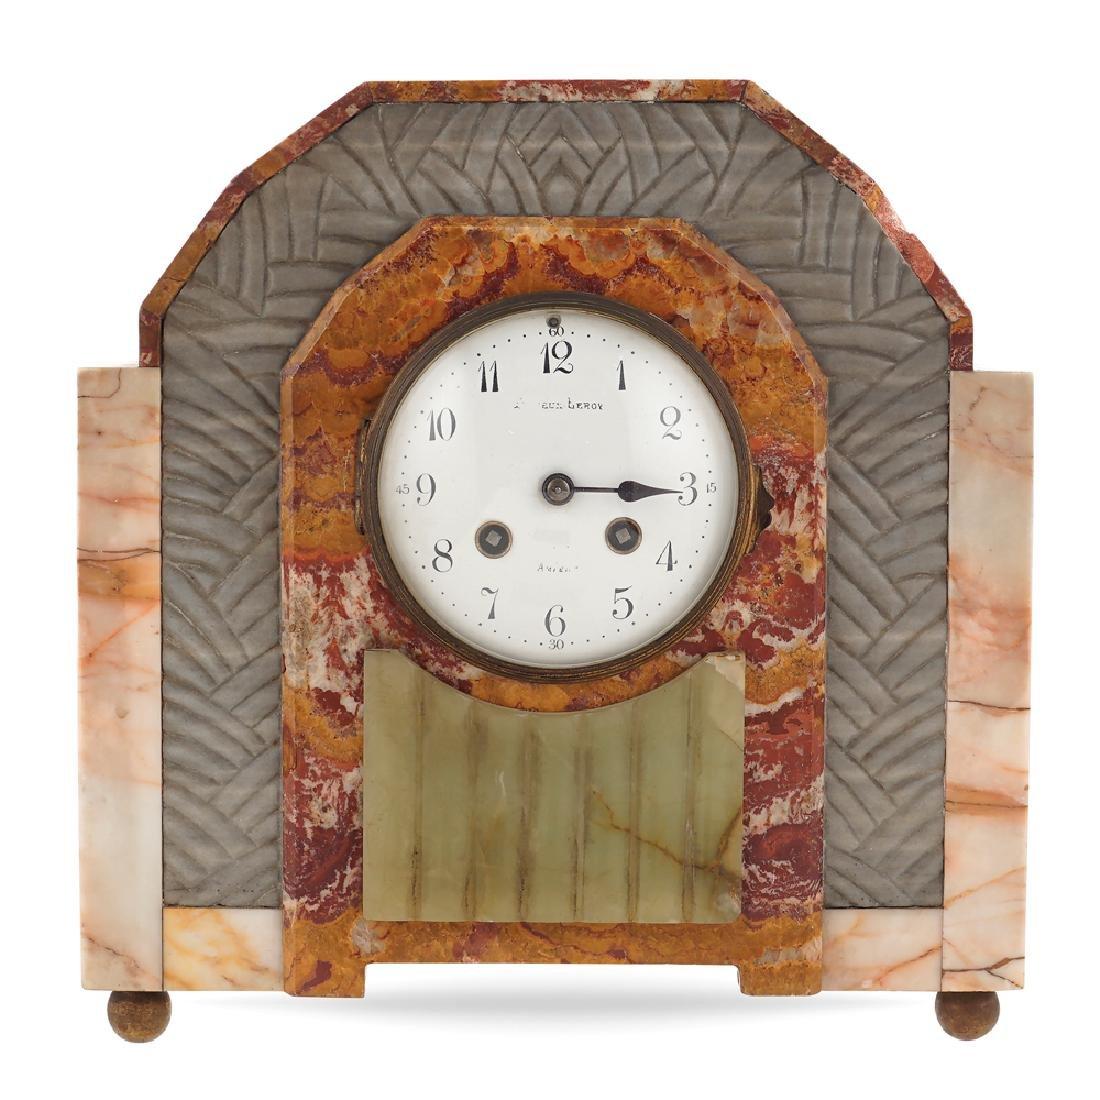 A Decò table clock France 20th century 29x27x10.5 cm.